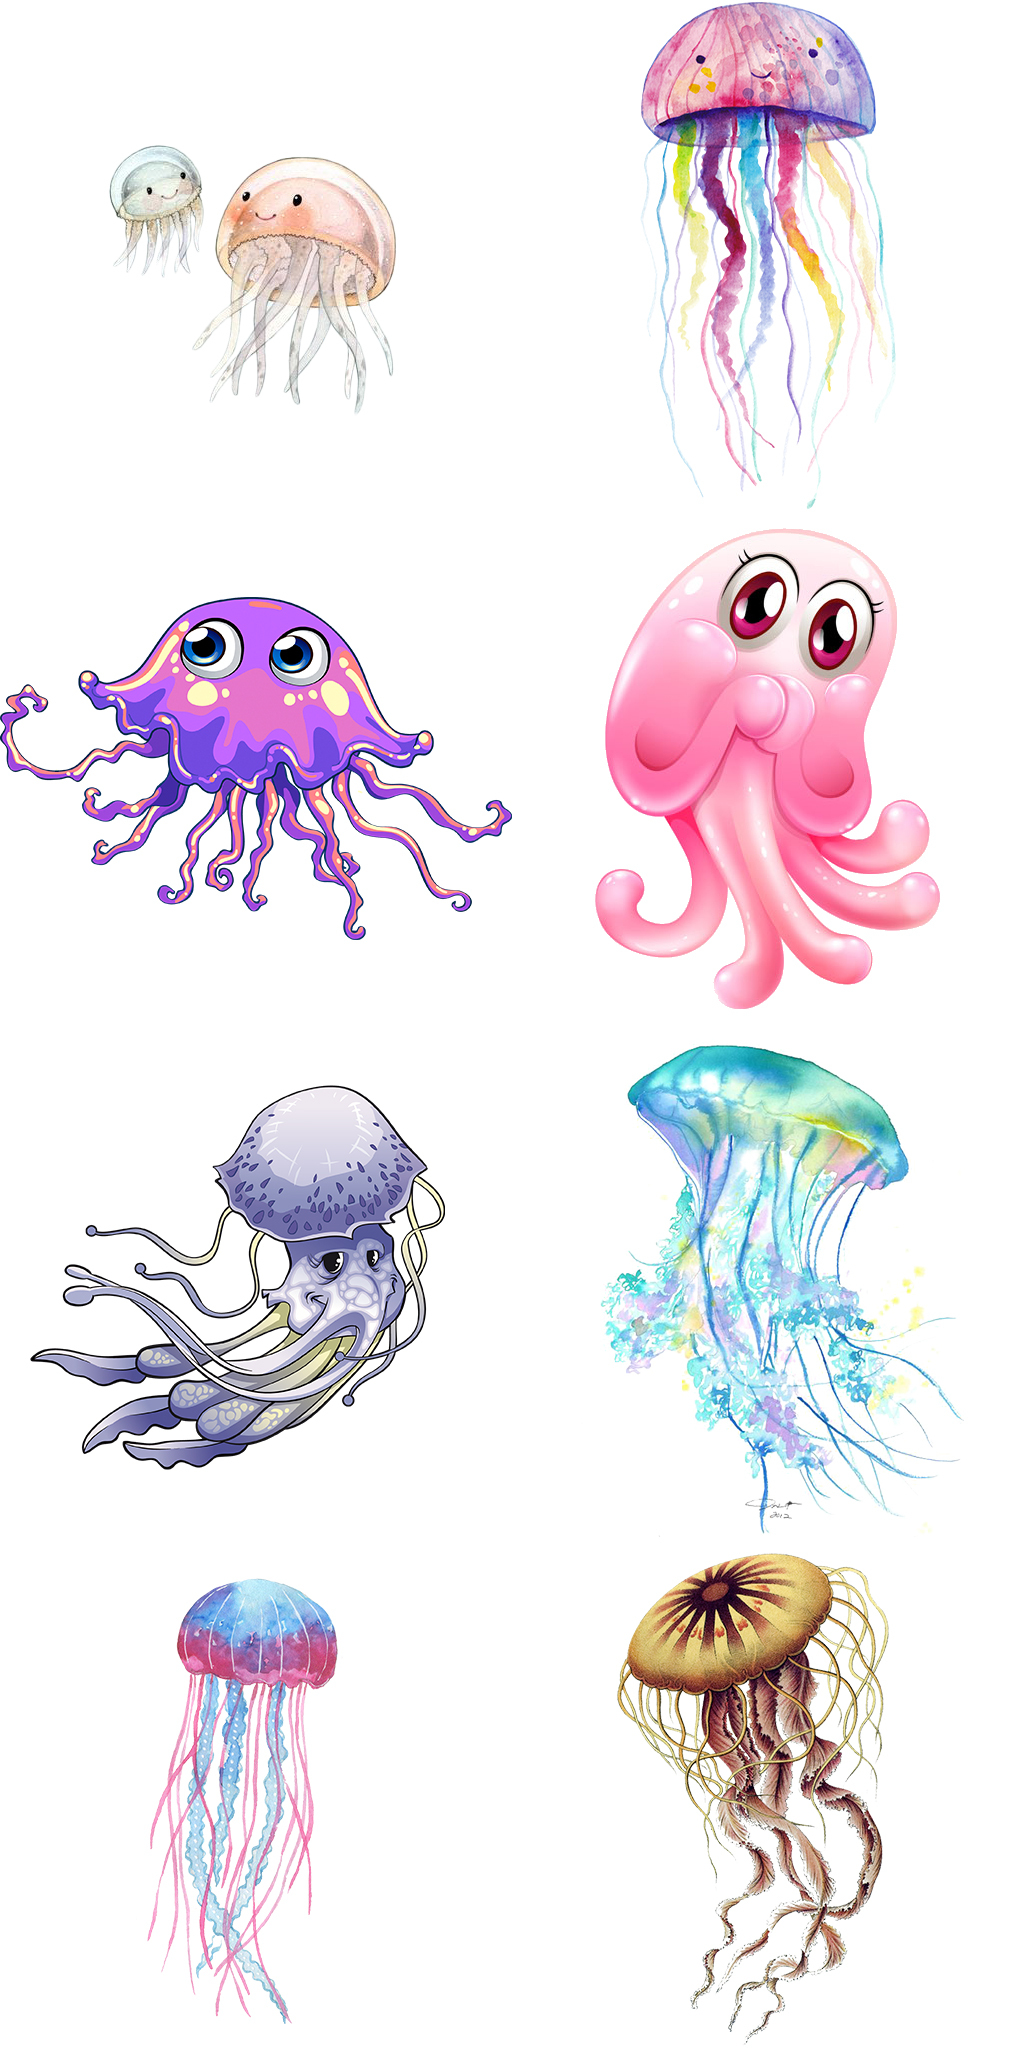 卡通水母动物海报图片素材